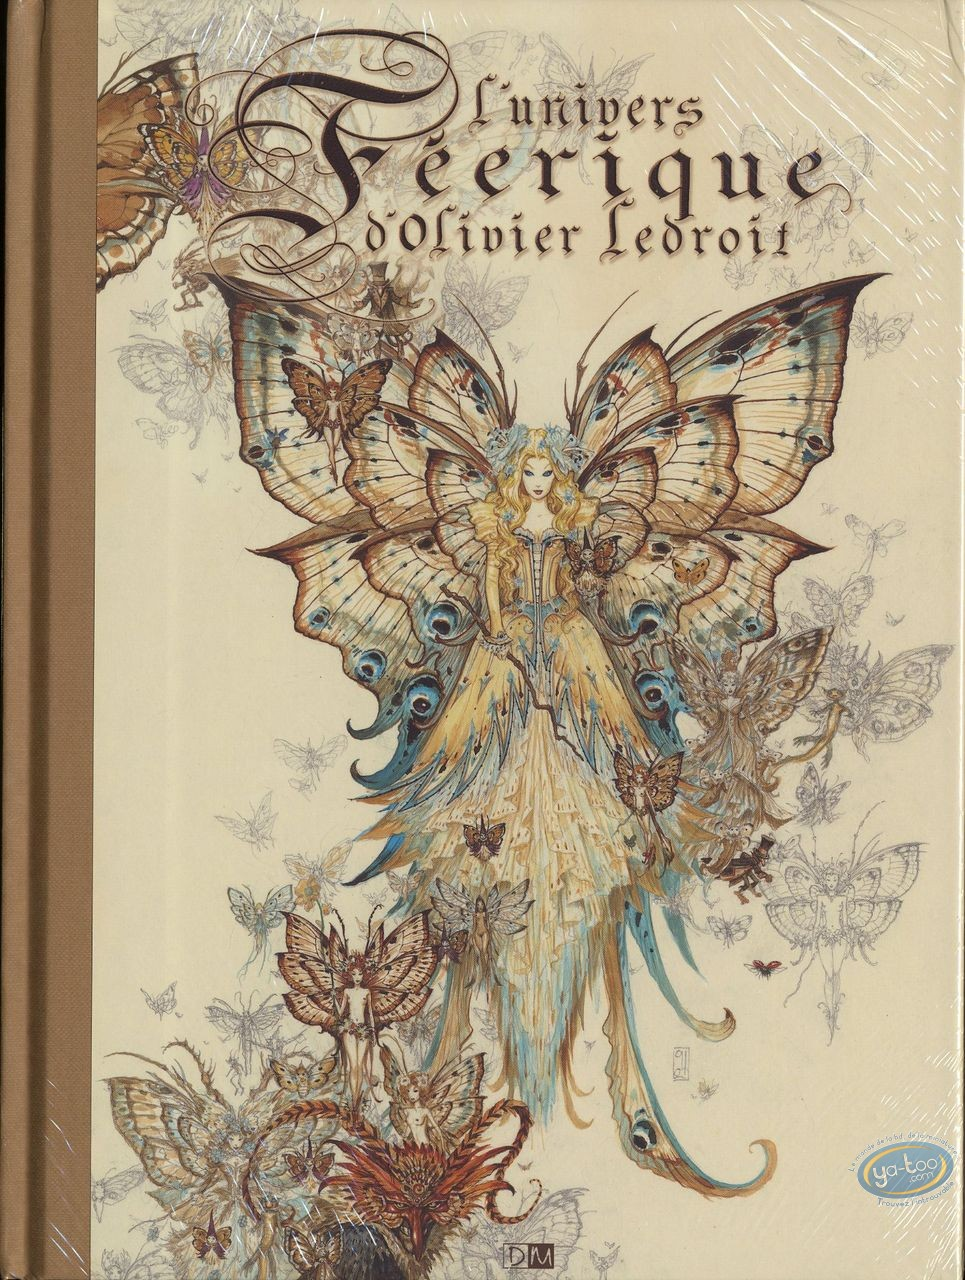 Reduced price European comic books, Univers Féérique (L') : L'univers Féérique d'Oliver Ledroit